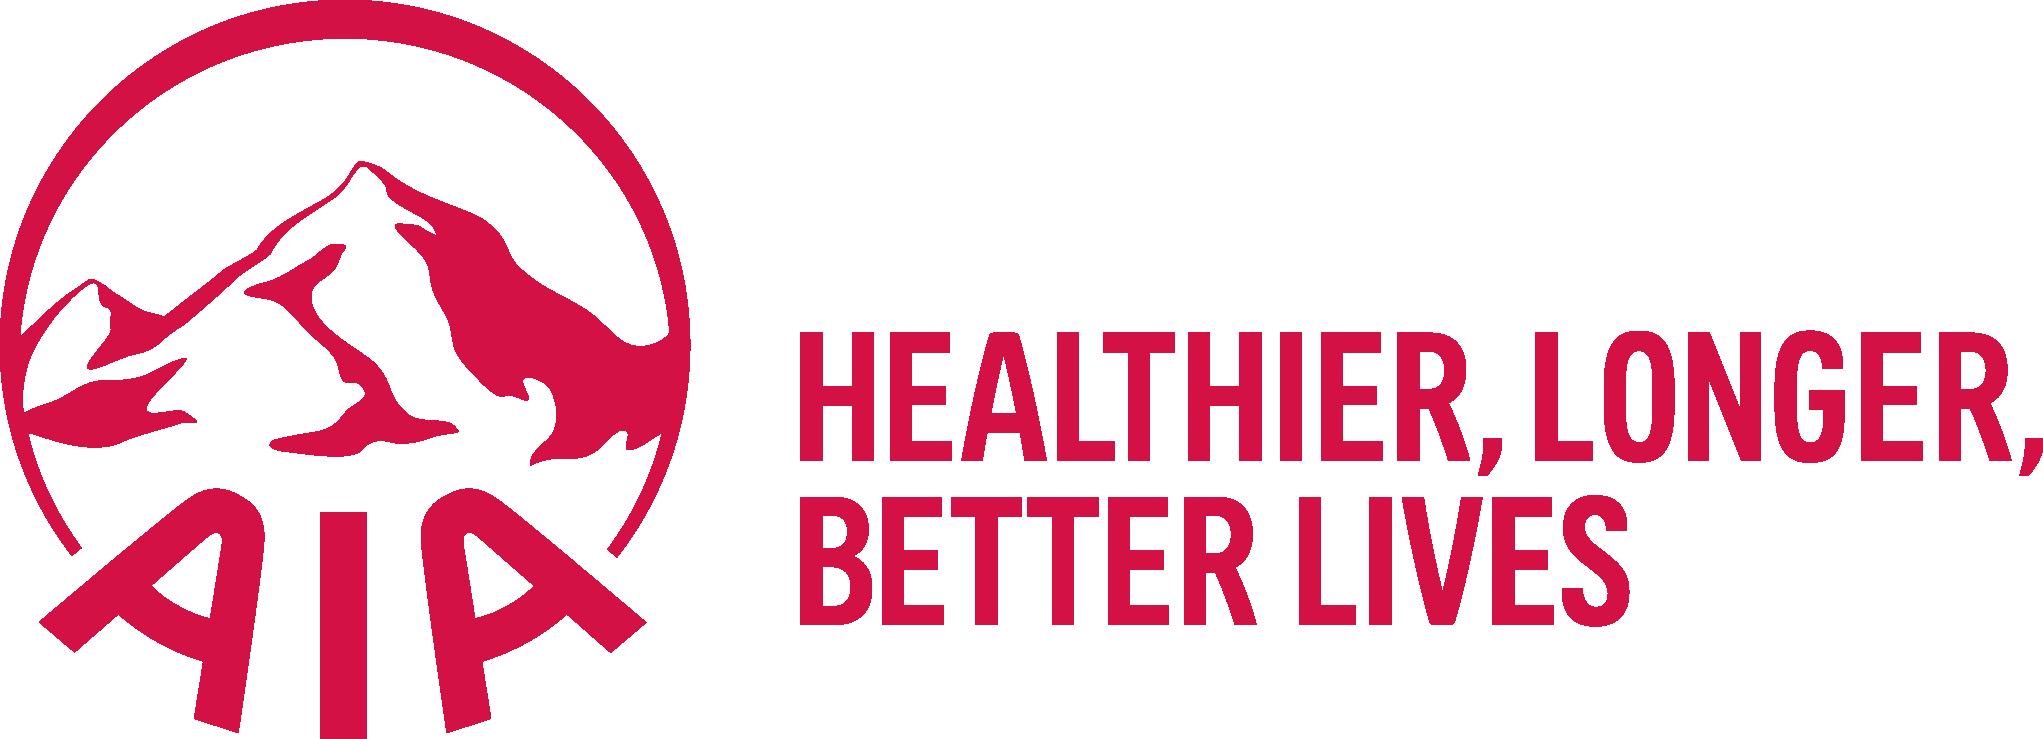 AIA Australia logo